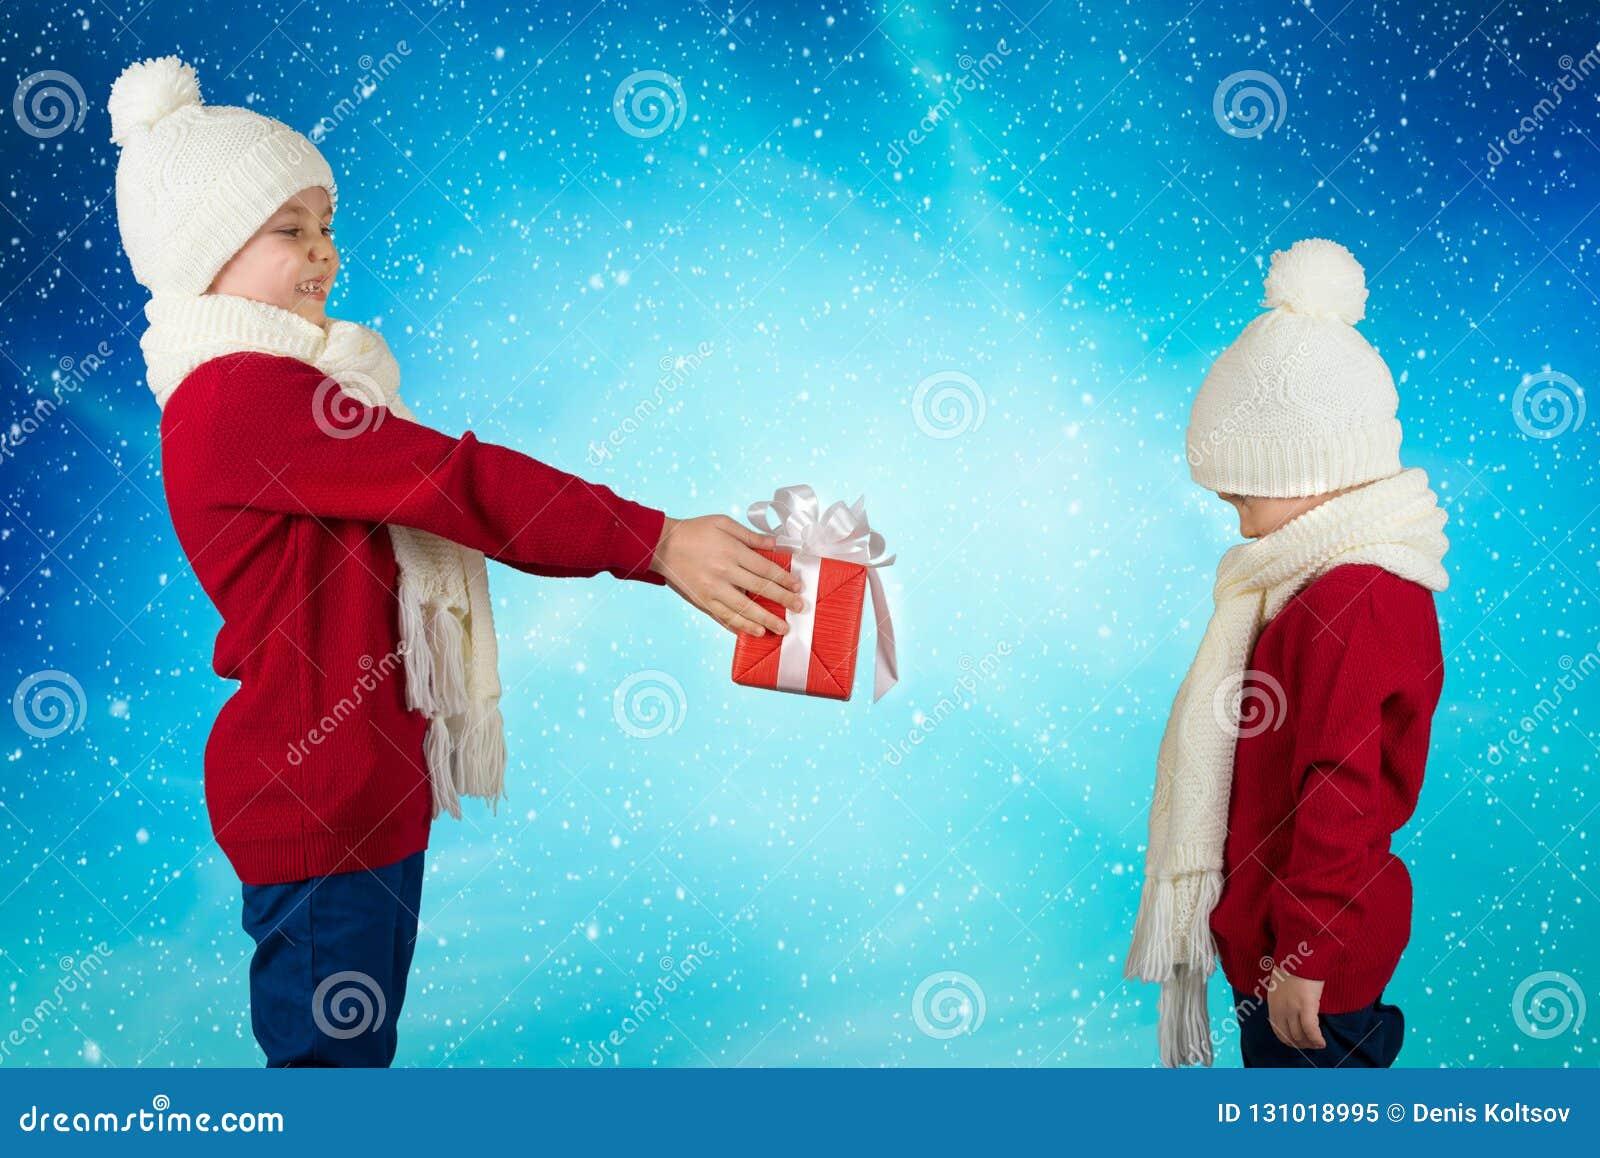 Buon Natale E Feste Felici! Il Fratello Maggiore Dà A Fratello